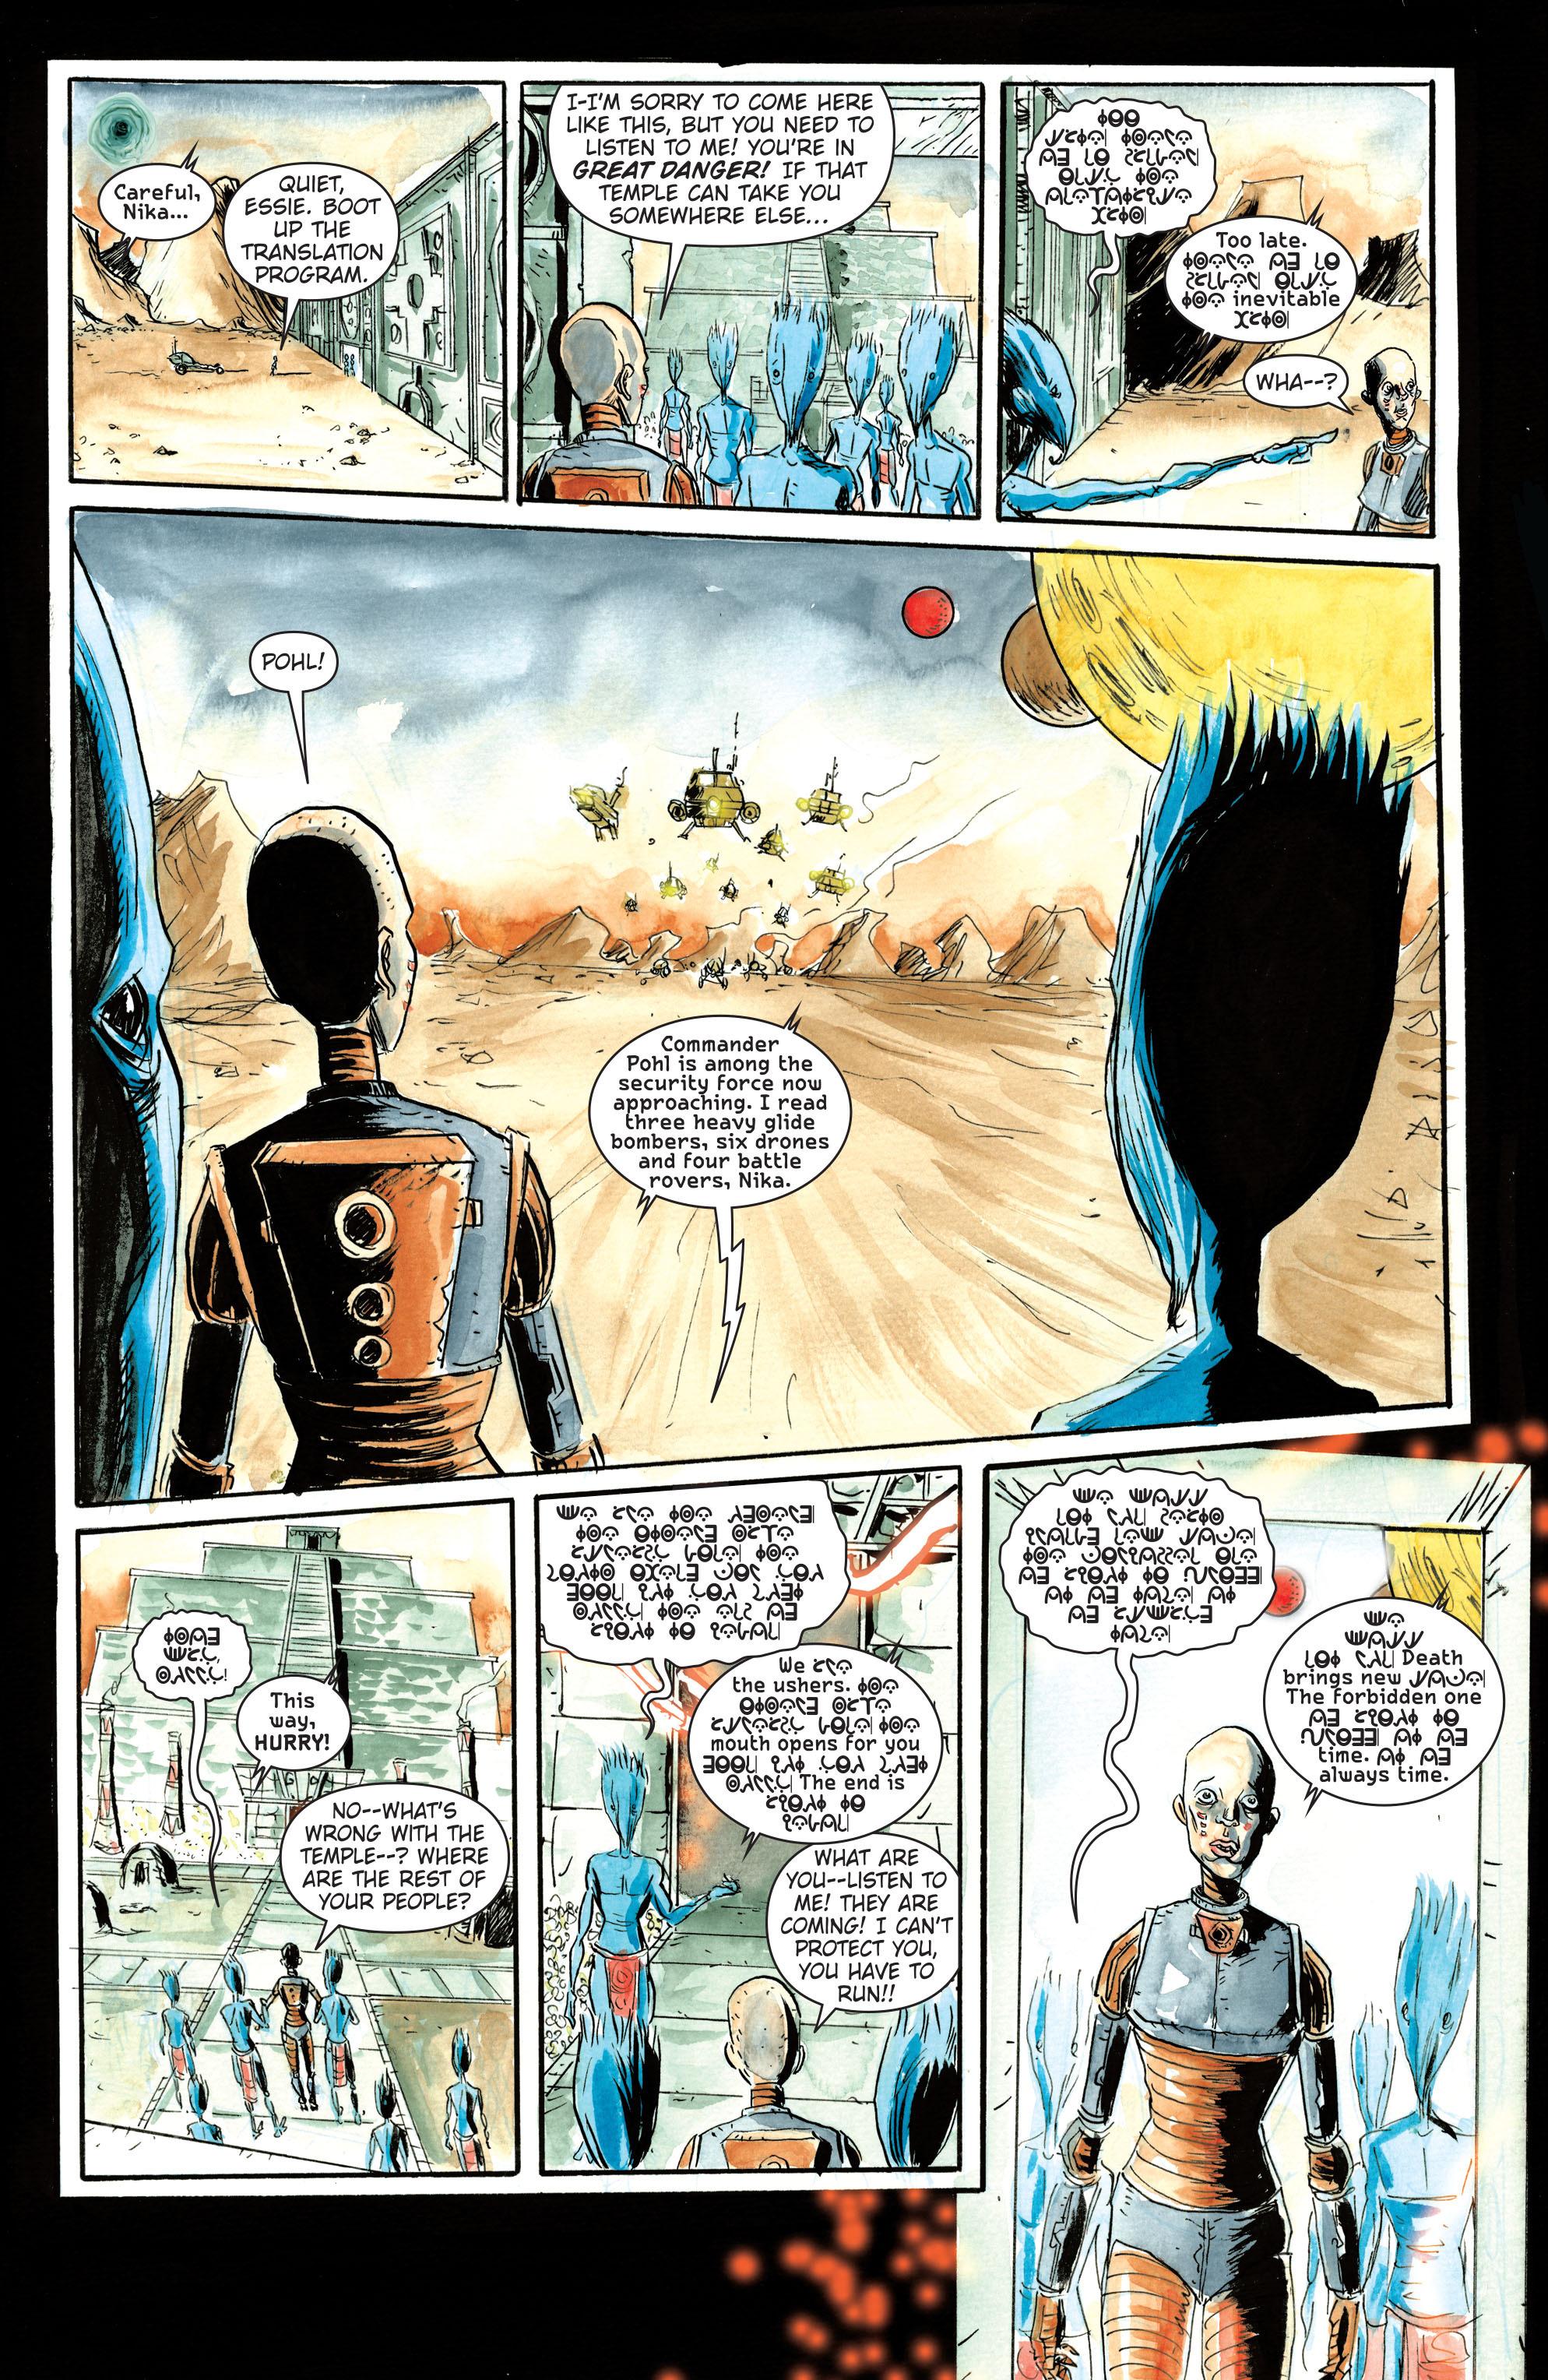 Read online Trillium comic -  Issue # TPB - 70